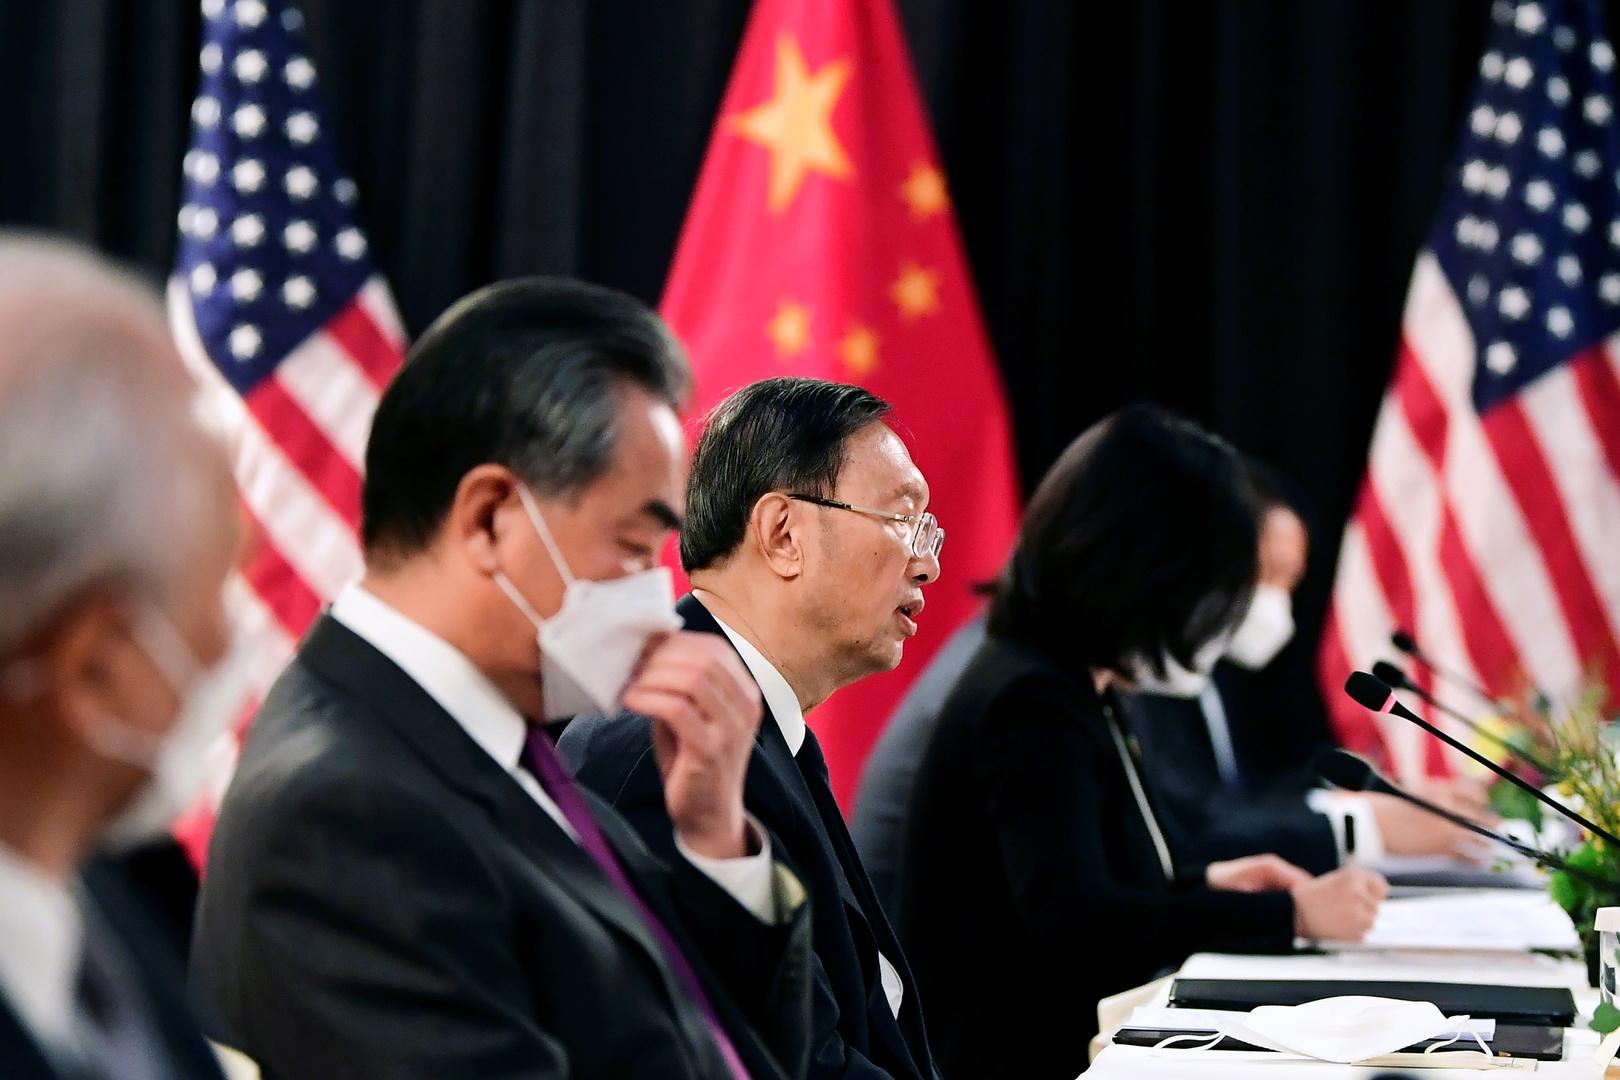 الصين والولايات المتحدة تتفقان على إنشاء مجموعة عمل لمكافحة التغير المناخي